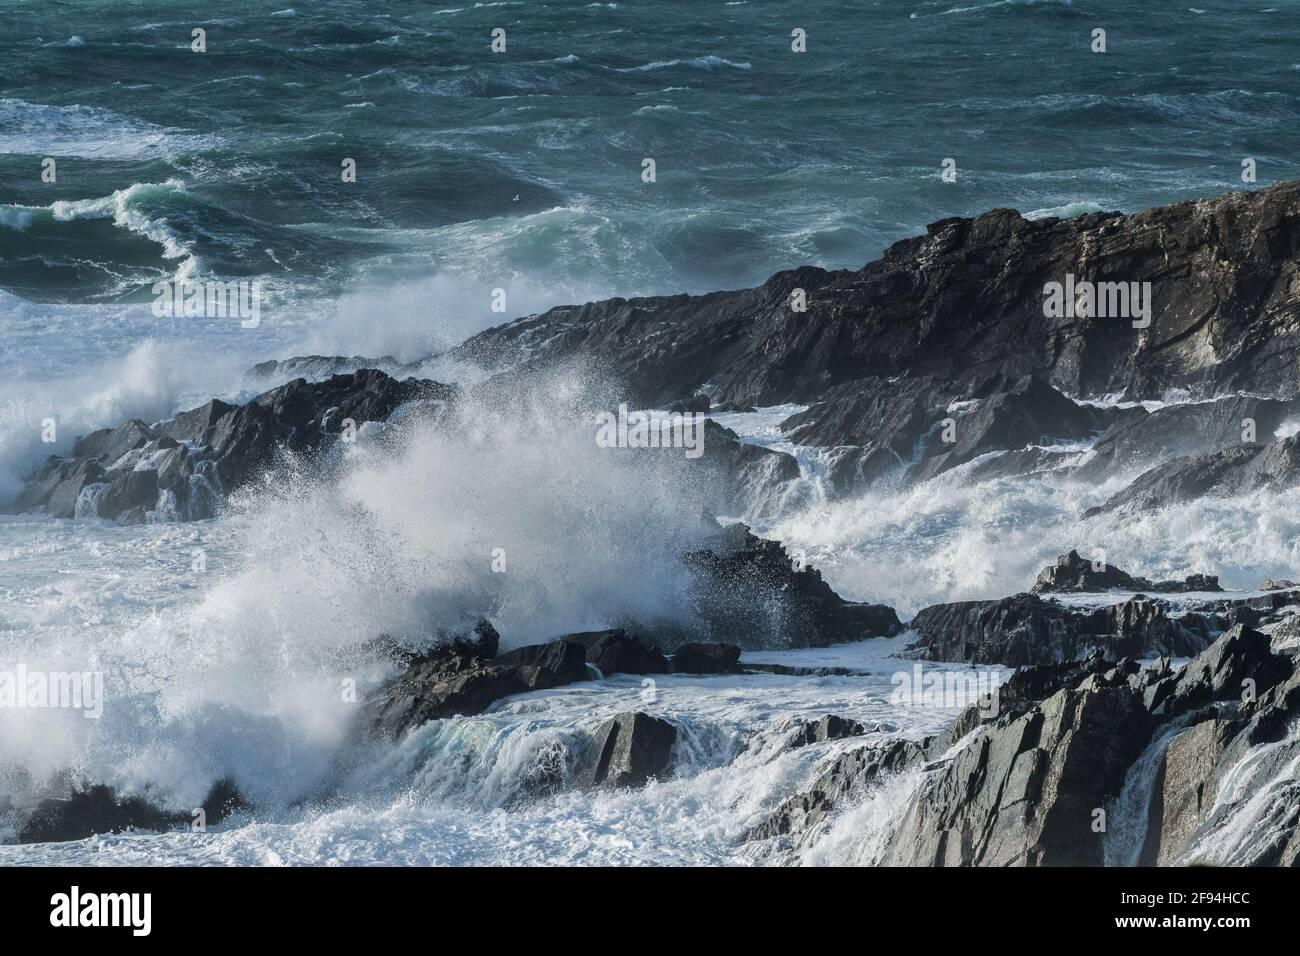 Olas rompiendo sobre las rocas Cribbar en la costa de Towan Head en Newquay en Cornwall. Foto de stock